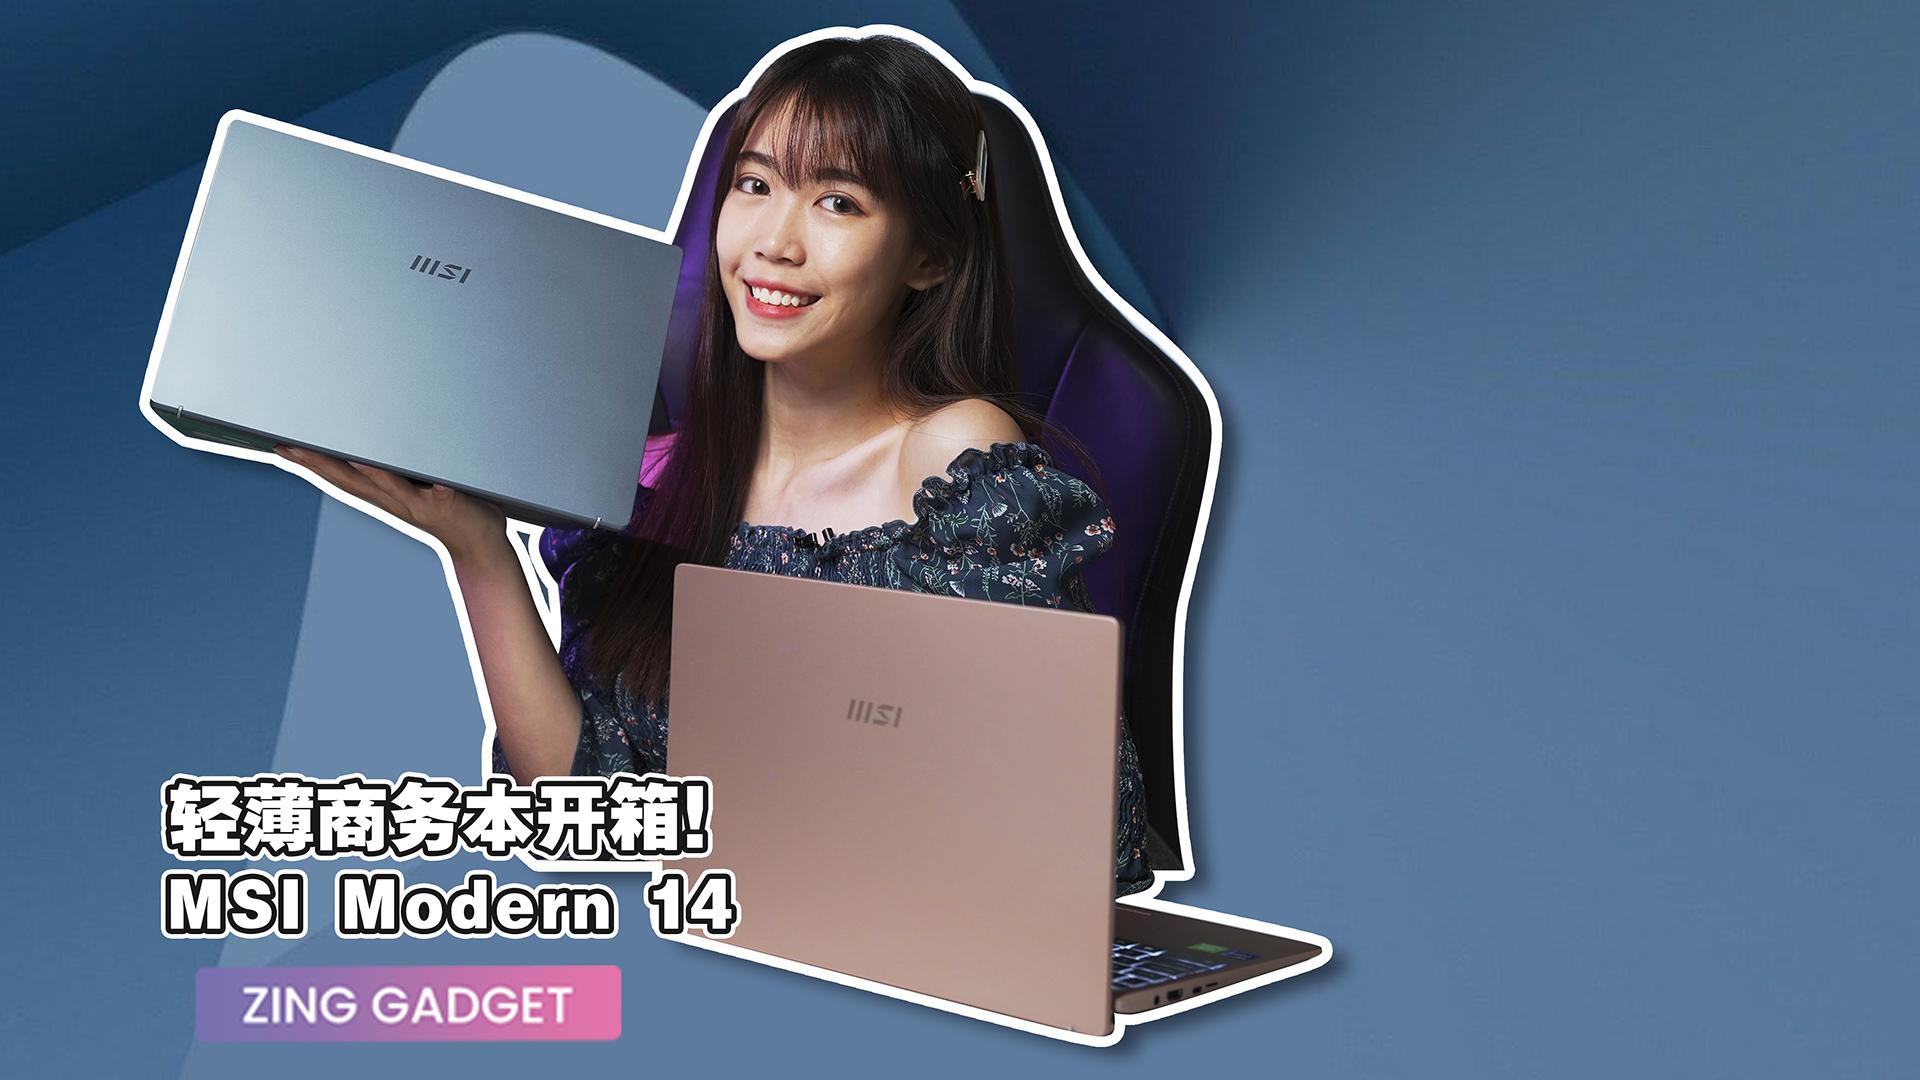 ZG MSI Modern 14 轻薄商务本开箱!